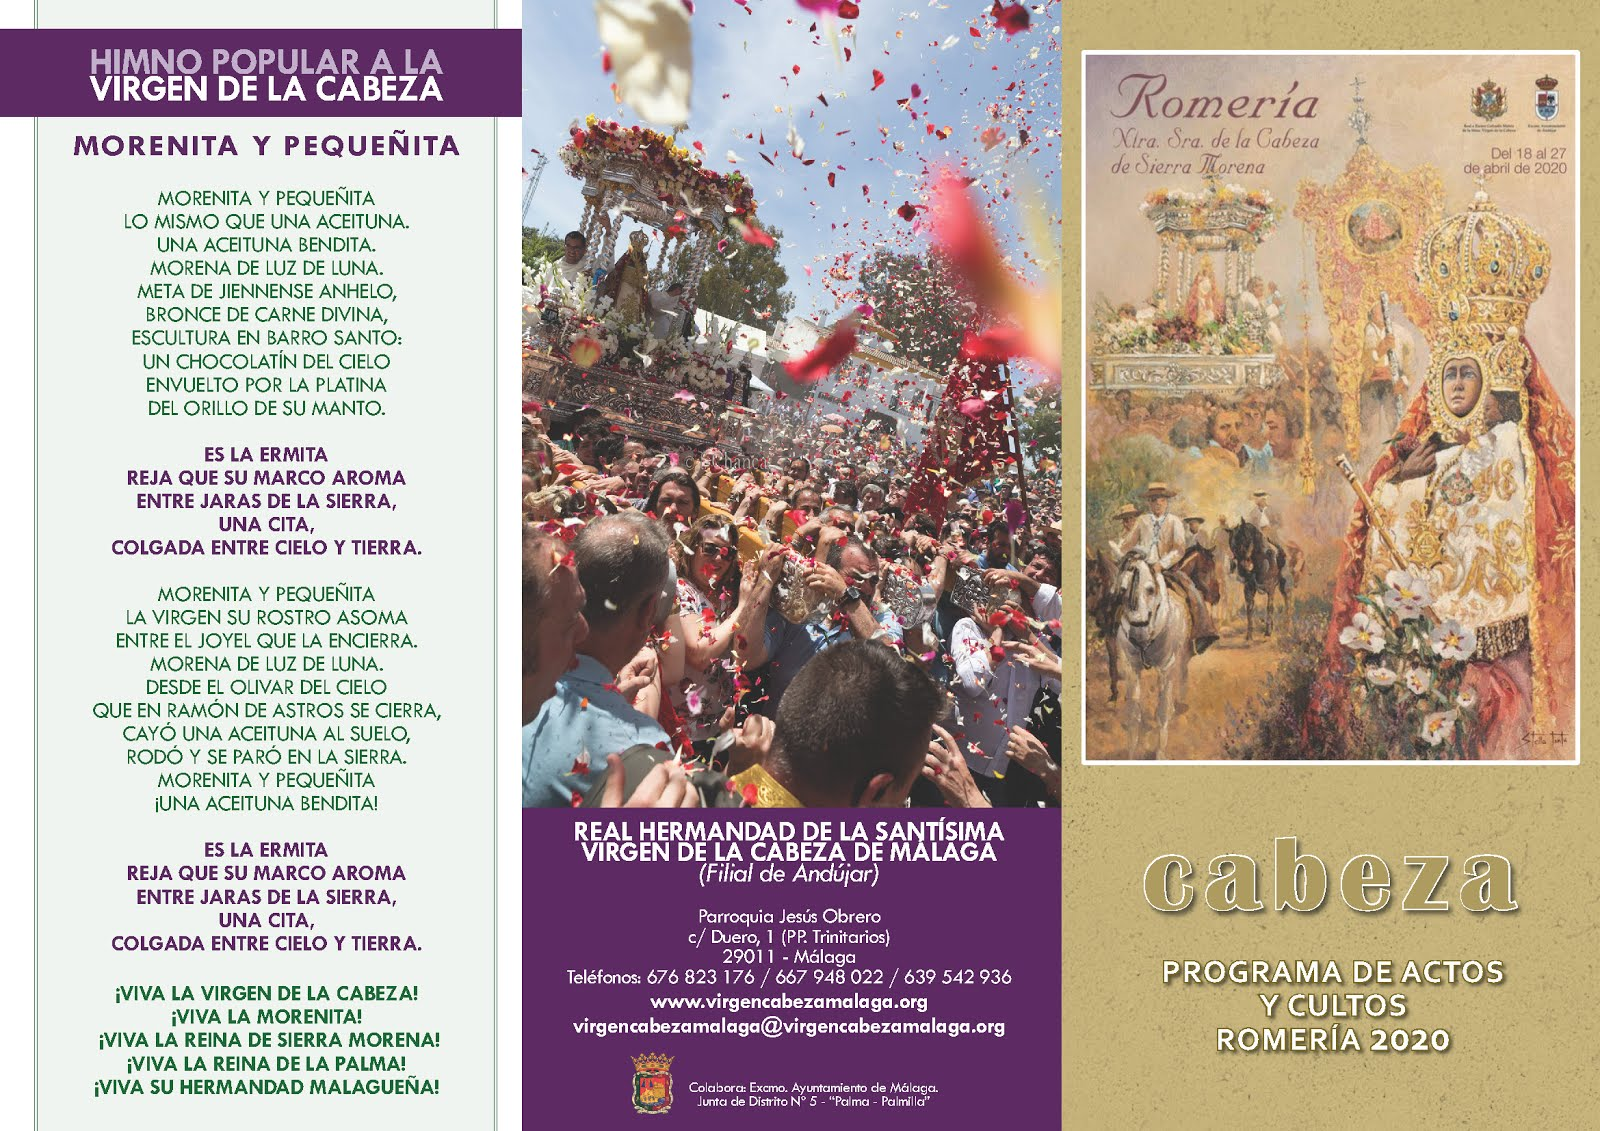 Programa de Actos y Cultos ROMERÍA 2020. Real Hdad. de Málaga (SUSPENDIDOS por Covid 19))